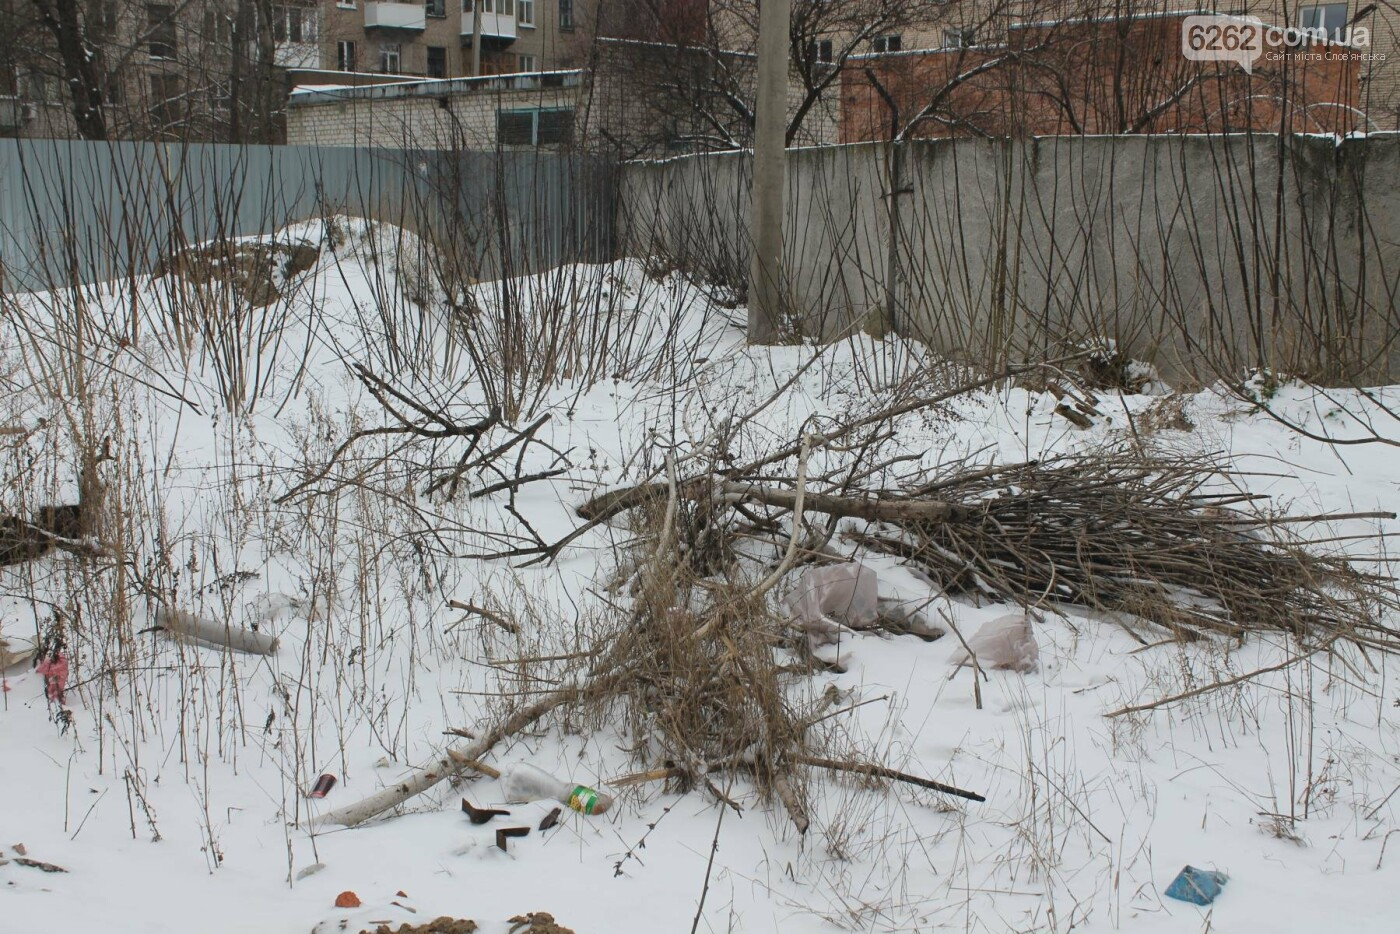 Вход в недострой в центре Славянска планируют заложить кирпичом , фото-6